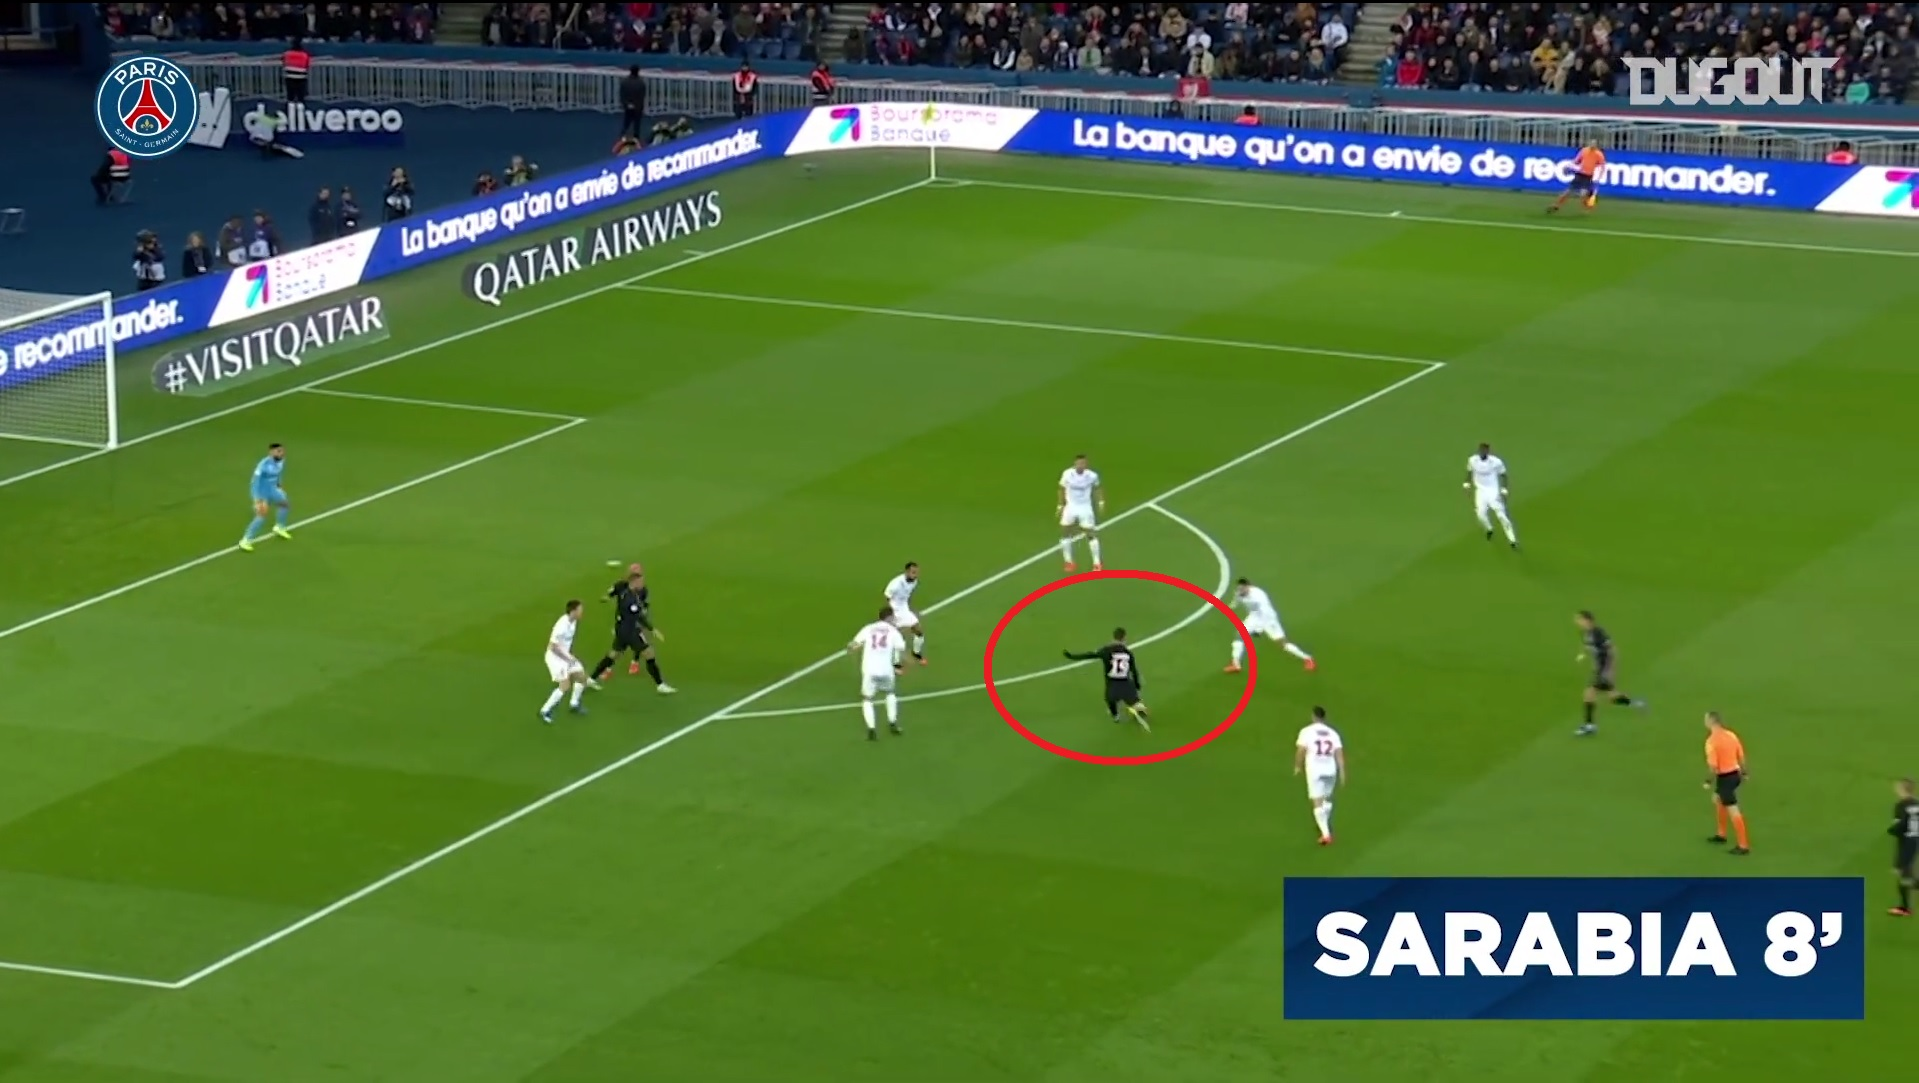 Football - Ligue 1 - Le but du week-end en Ligue 1 : le missile de Sarabia face à Montpellier